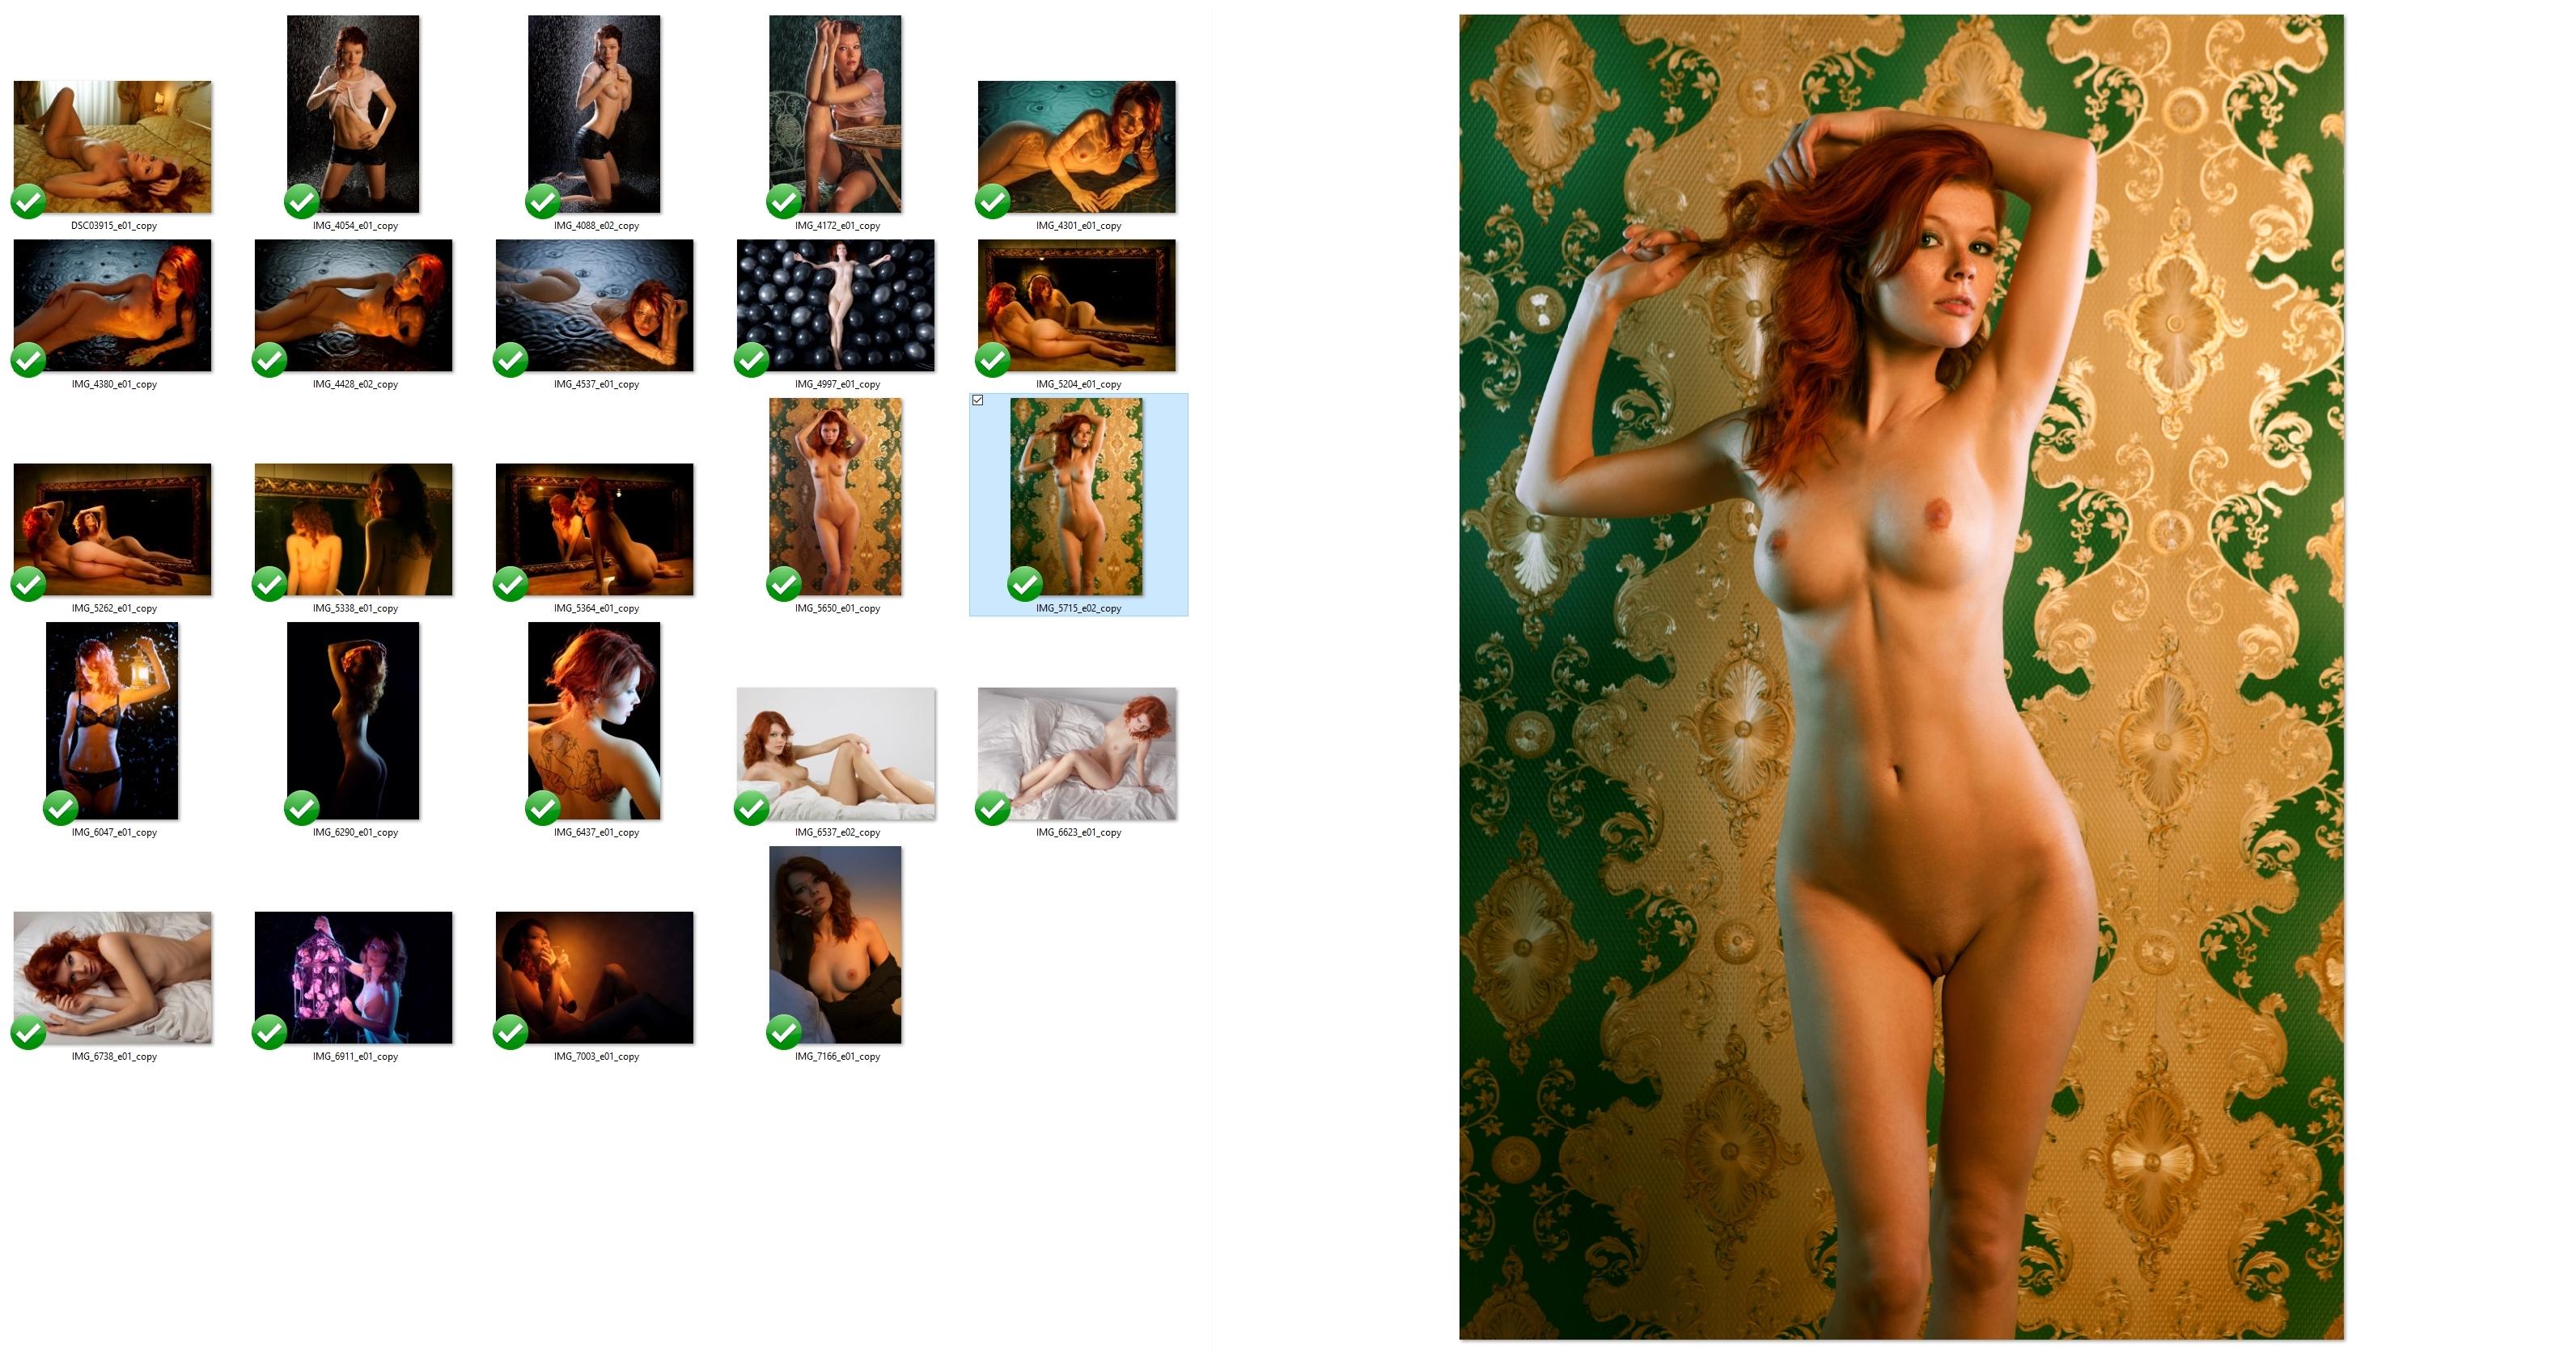 Mia Solis - Studio (07.-08.01.12)